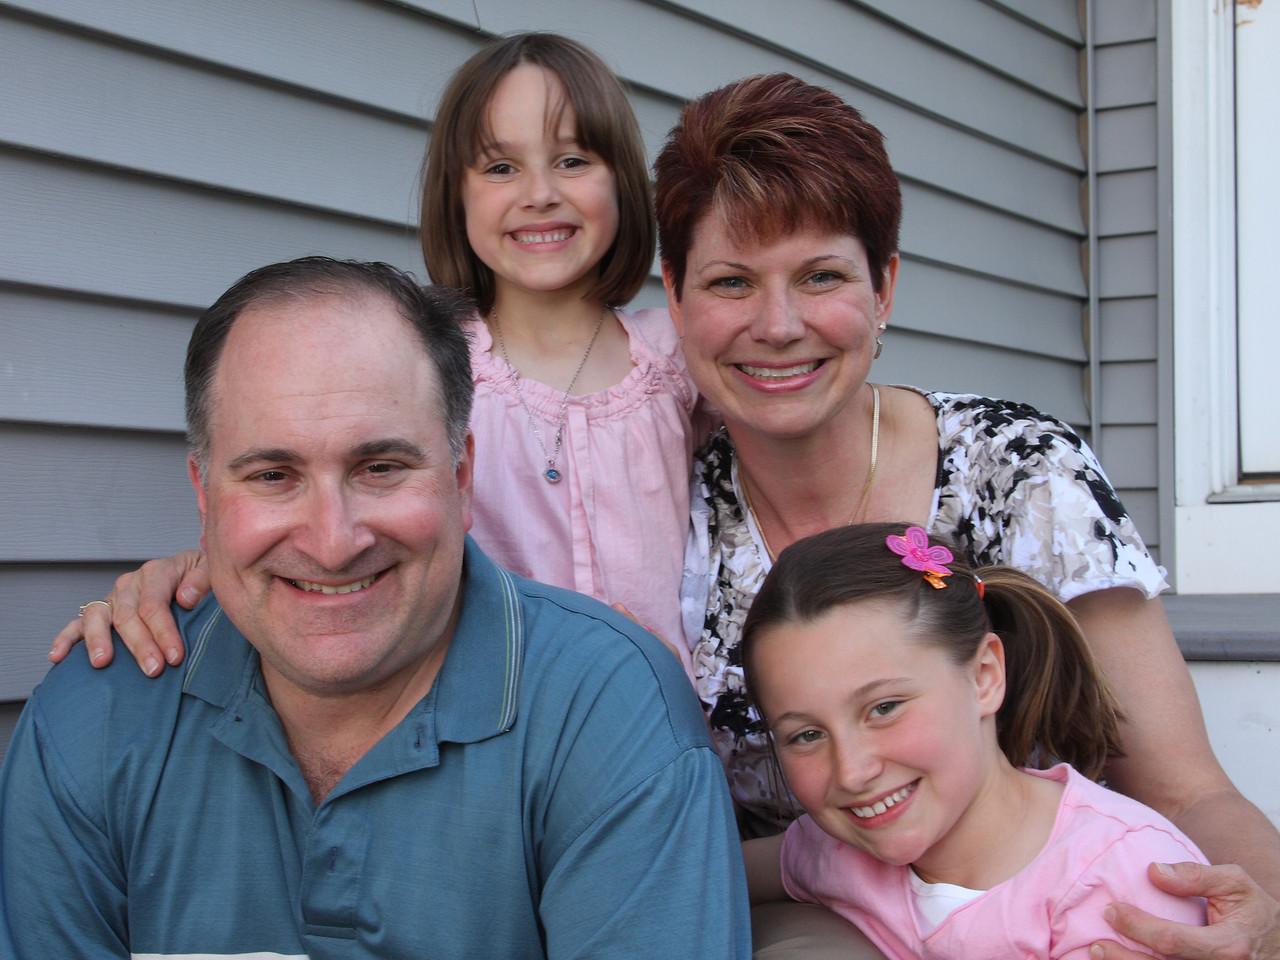 IMG4_27604 Lou, Kristina, Sherri, Katerina DPPtrm